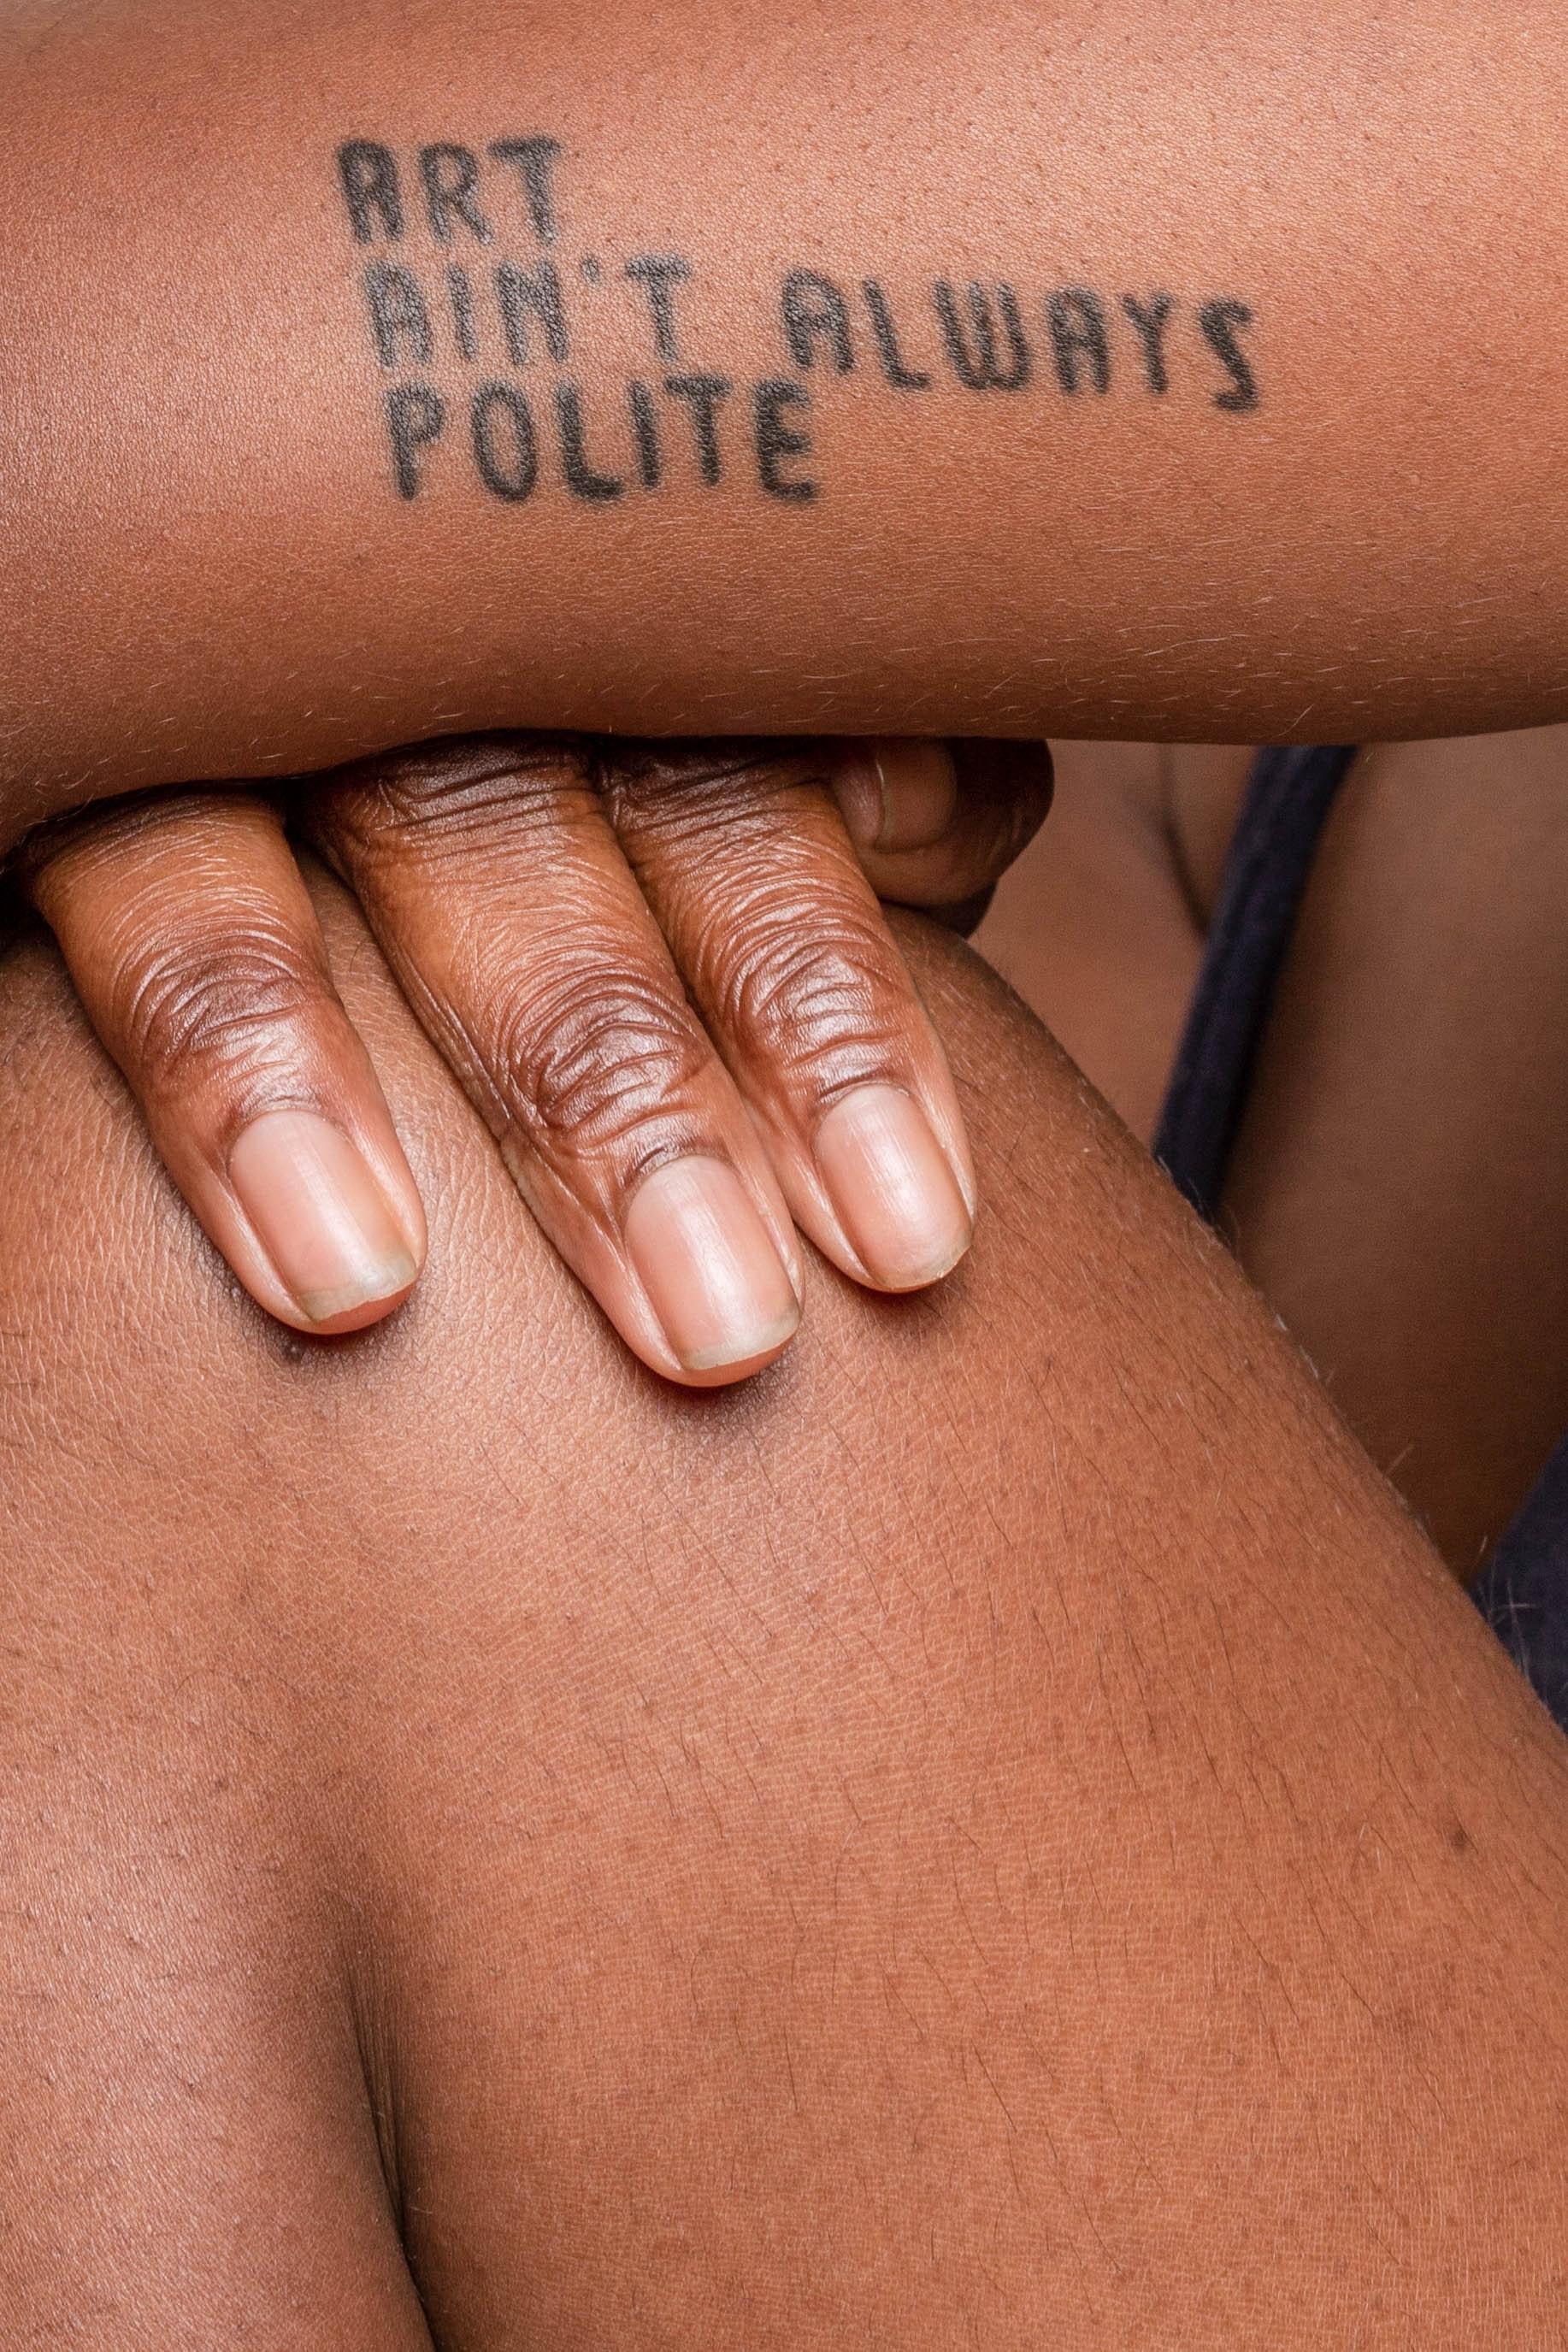 black woman wth tattoo of art ain't always polite